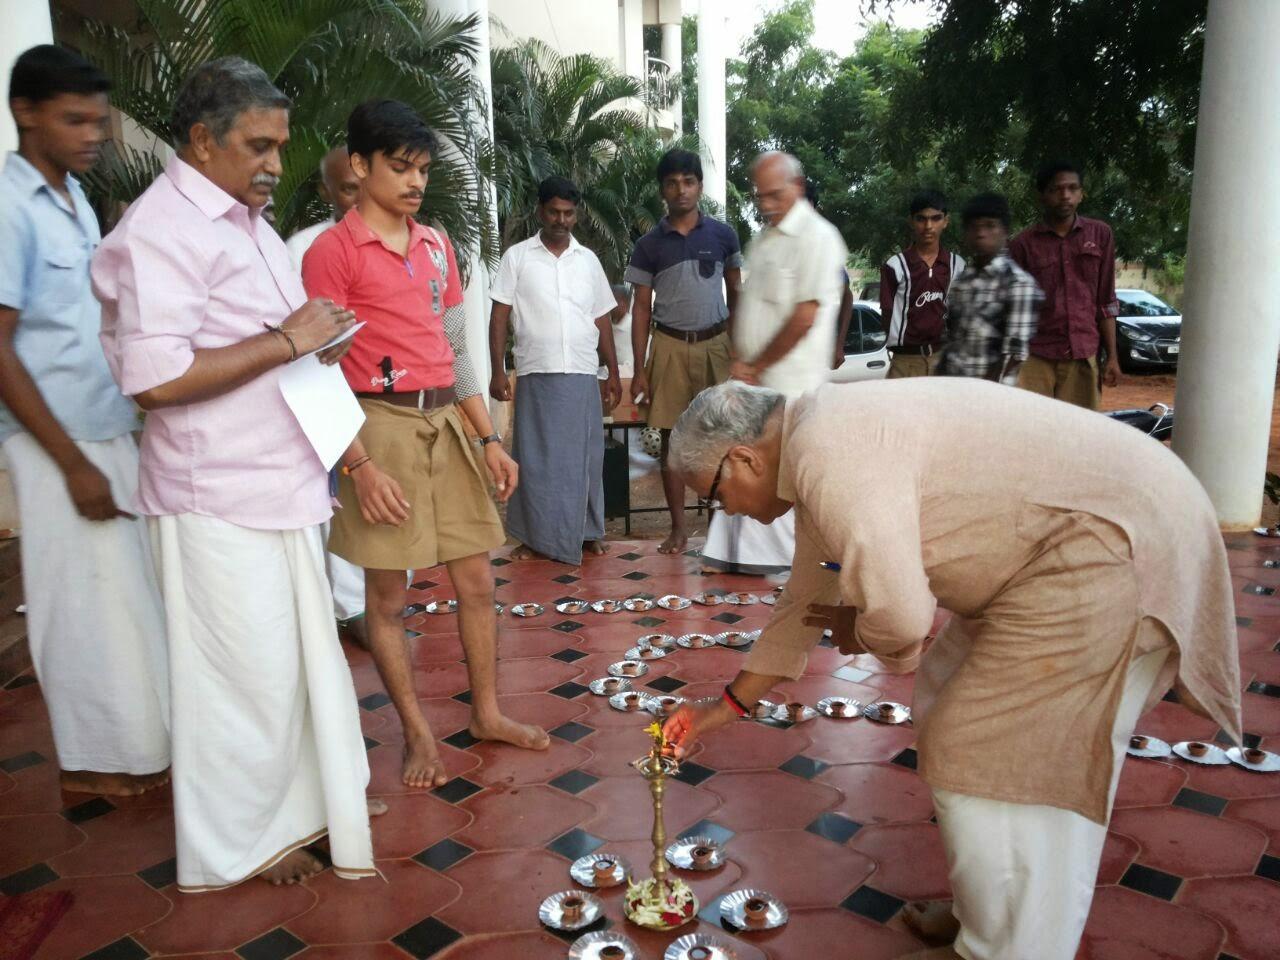 RSS Sarakaryavah Bhaiyyaji Joshi joins Karthika Poornima celebrations in Thanjavur